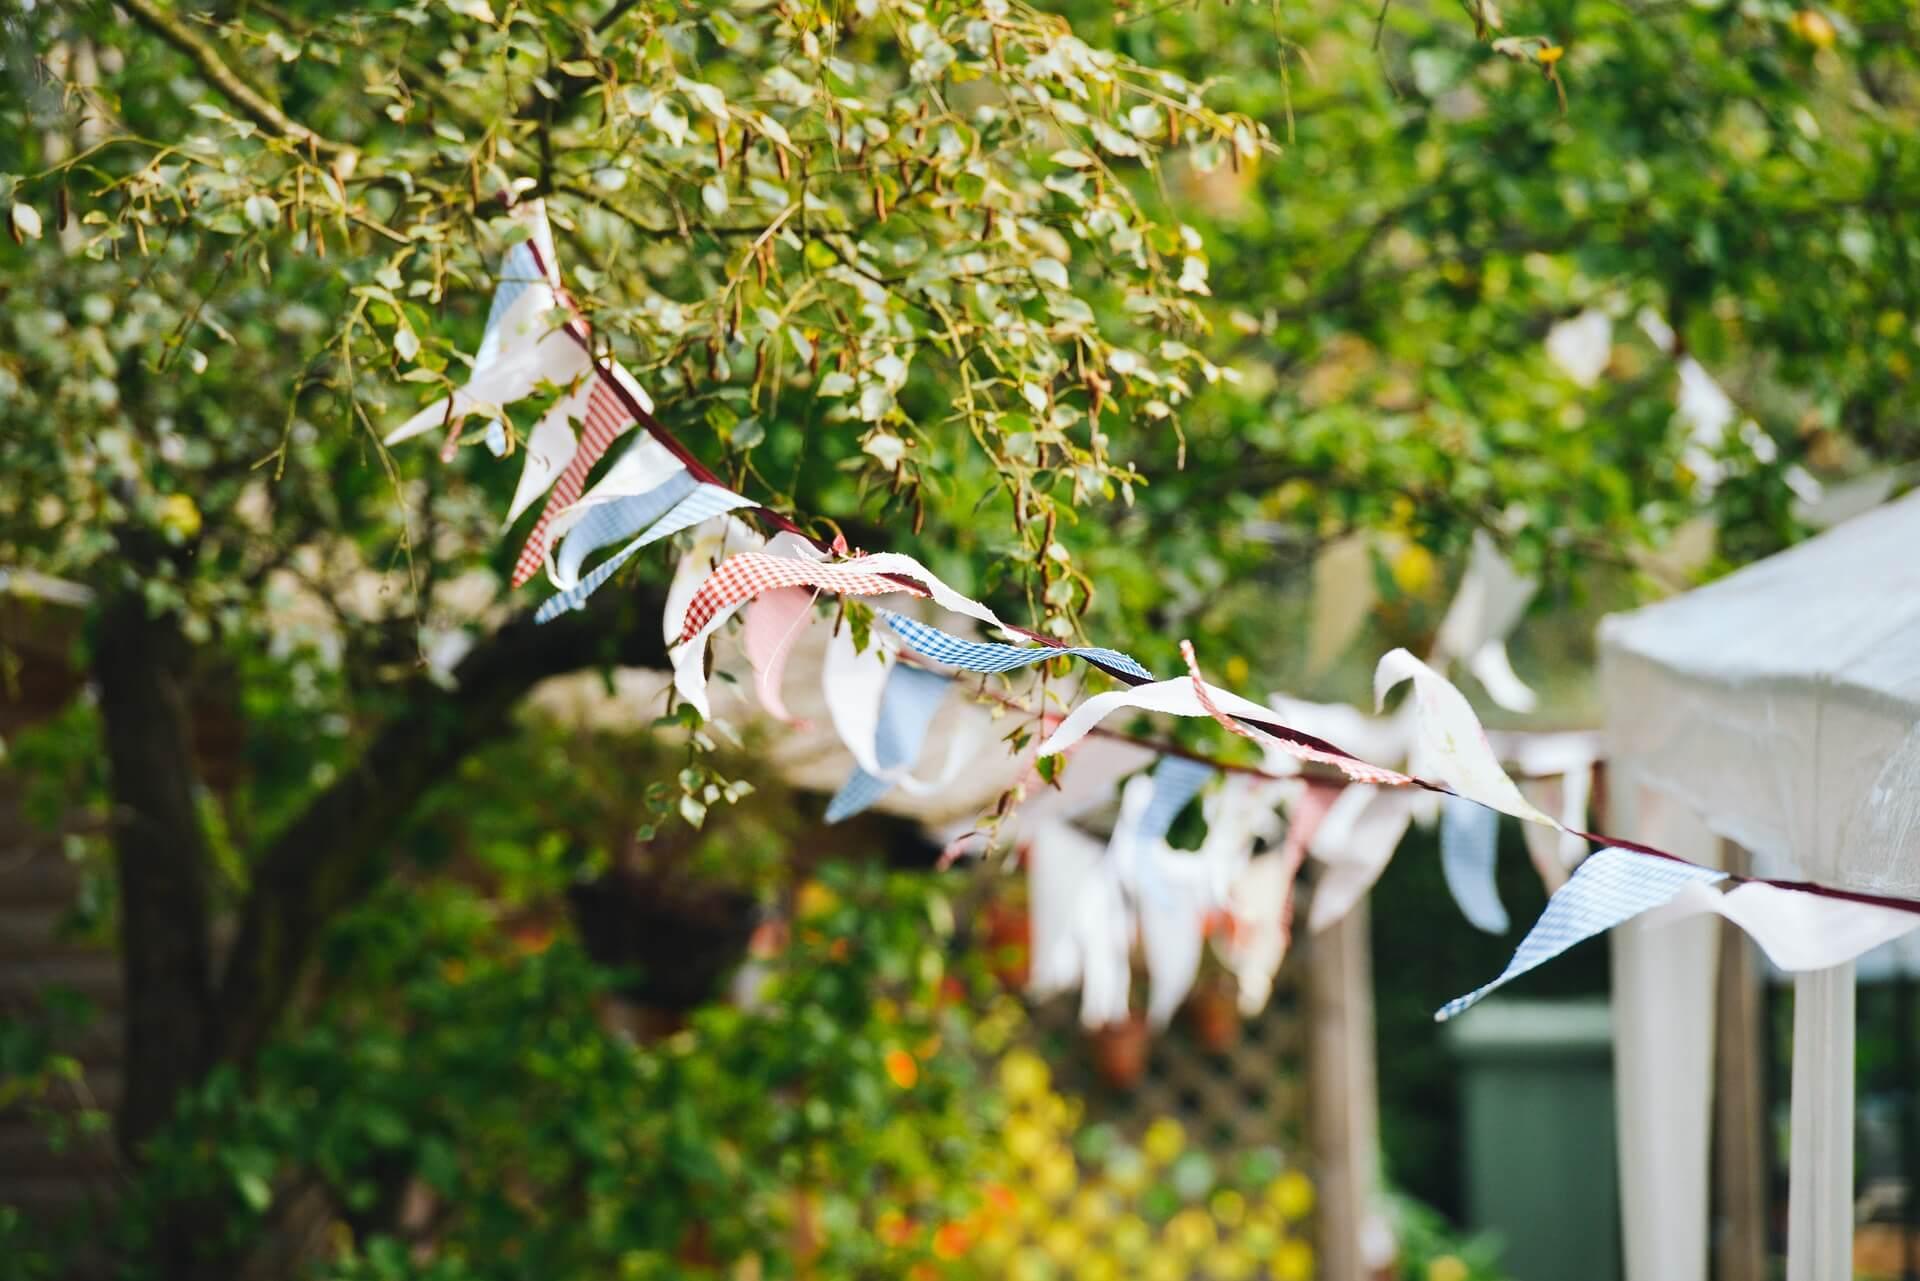 Ce bijuterii sa porti la un eveniment de tip garden party?